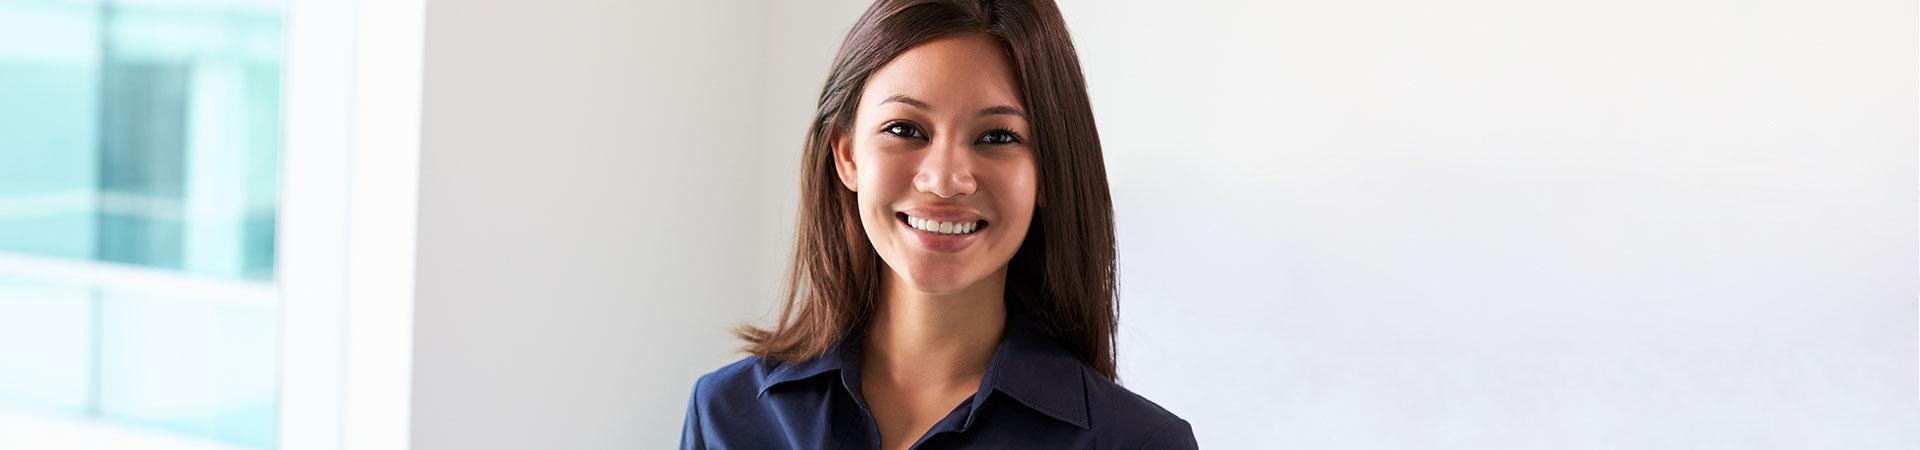 Female patient East Cobb Orthodontics.